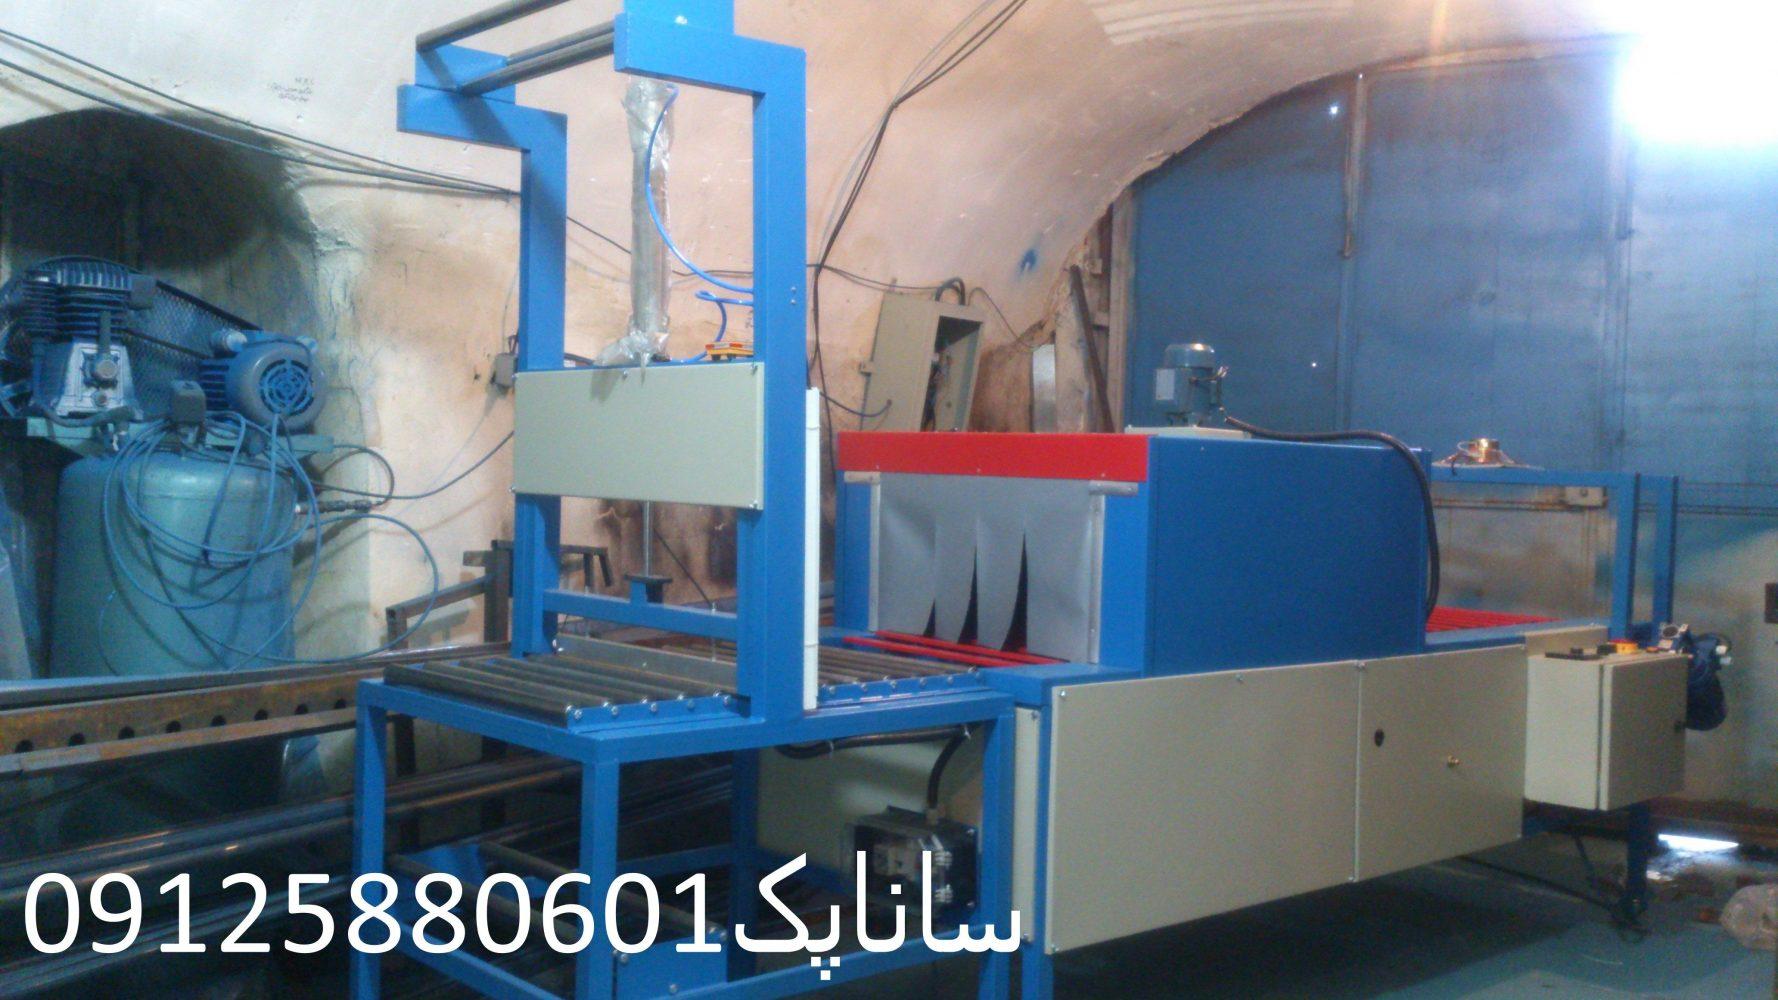 دستگاه شیرینگ دوگانه سوز 09125880601